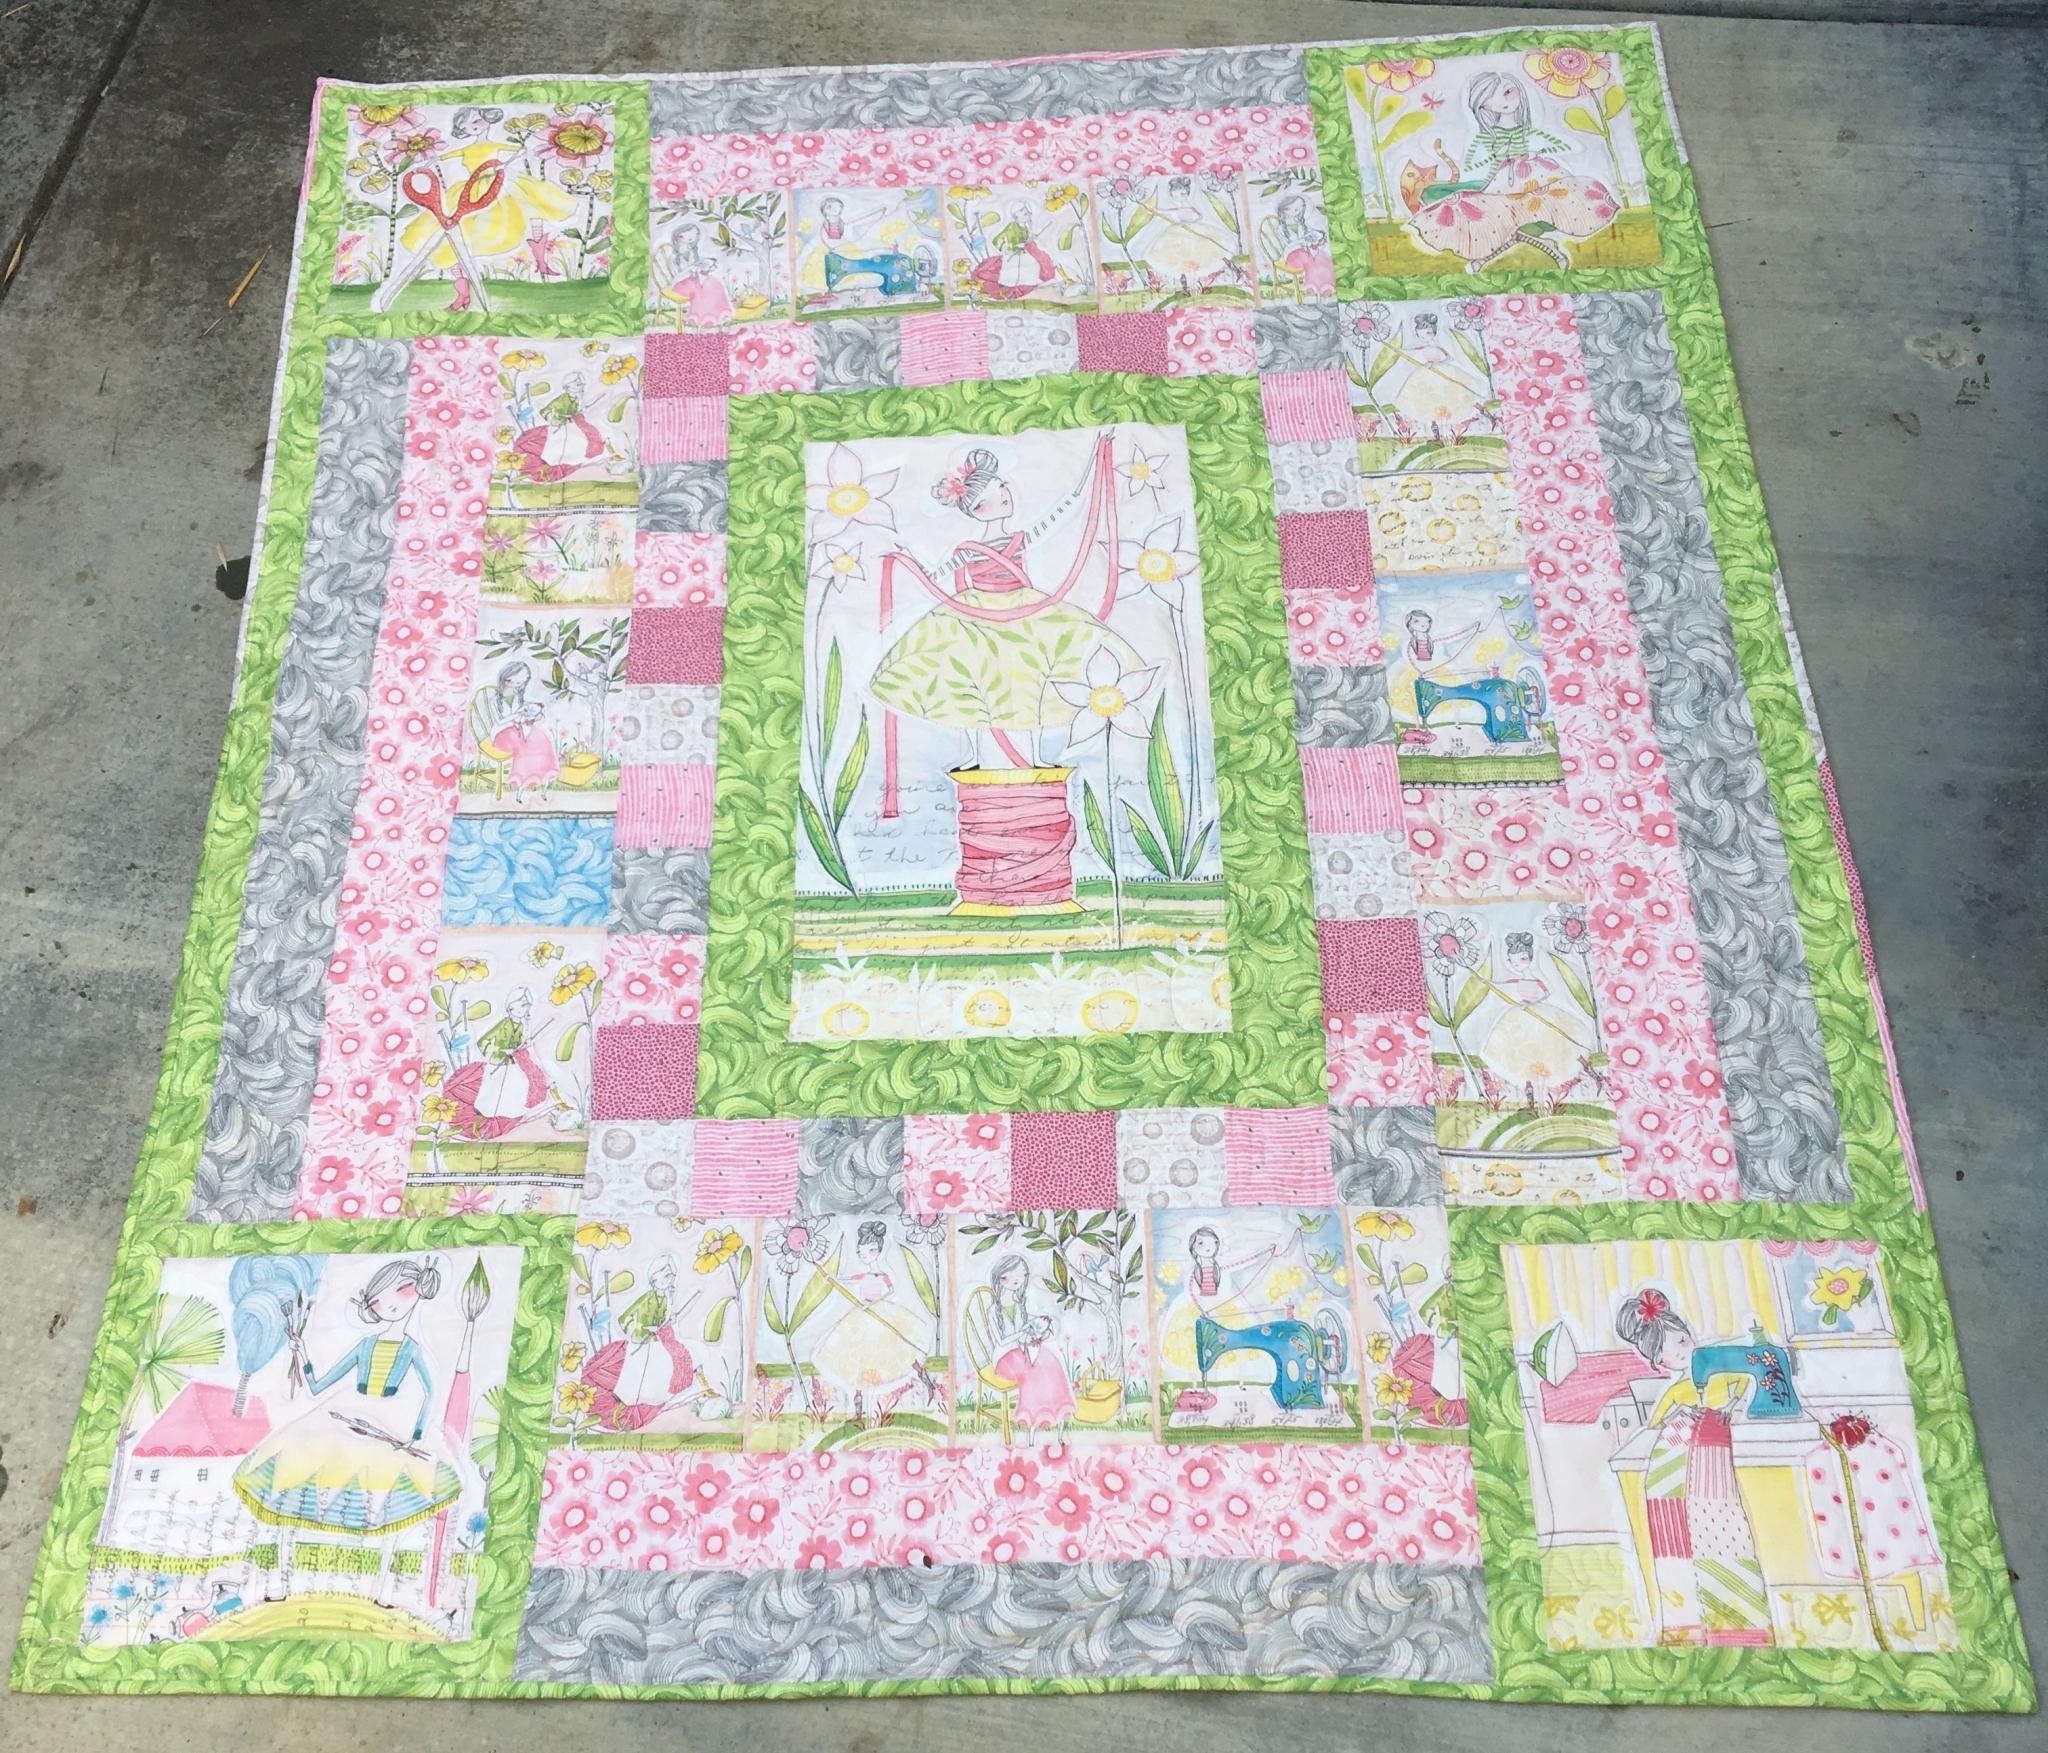 Crafty Girls Recipient: Bill Wilson House